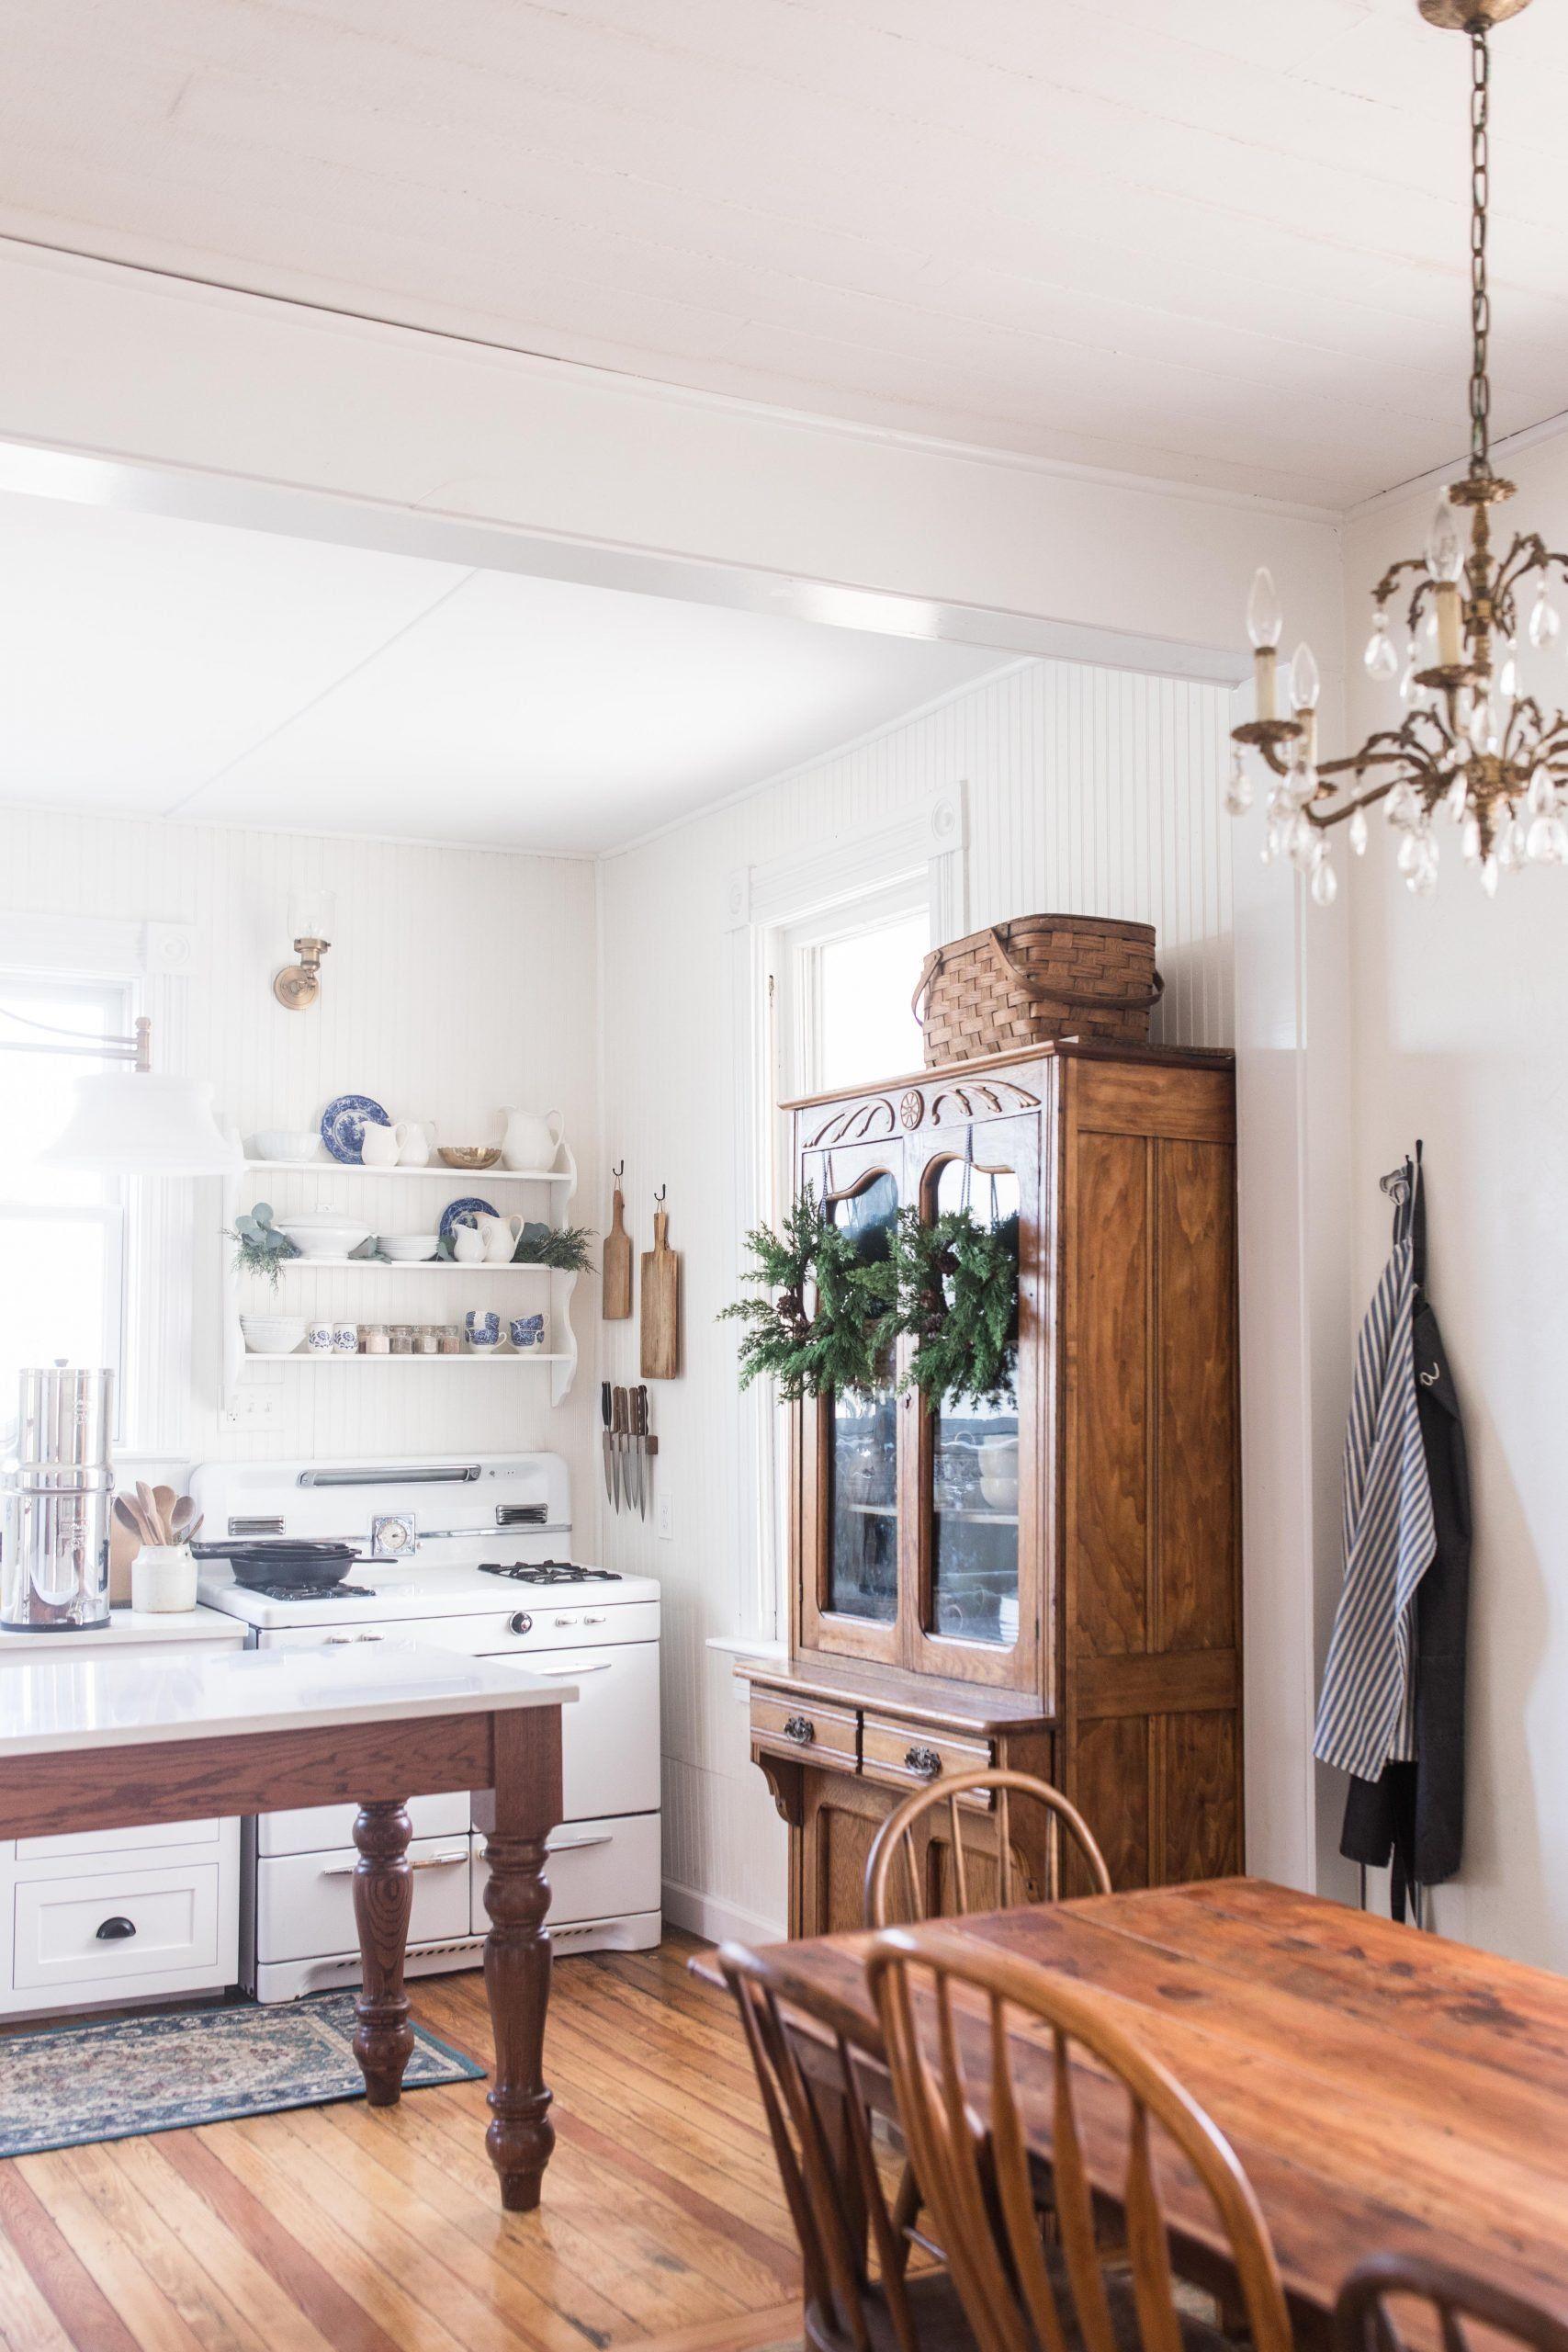 Victorian Farmhouse Kitchen Reveal In 2020 Farm House Living Room Victorian Farmhouse Home Decor